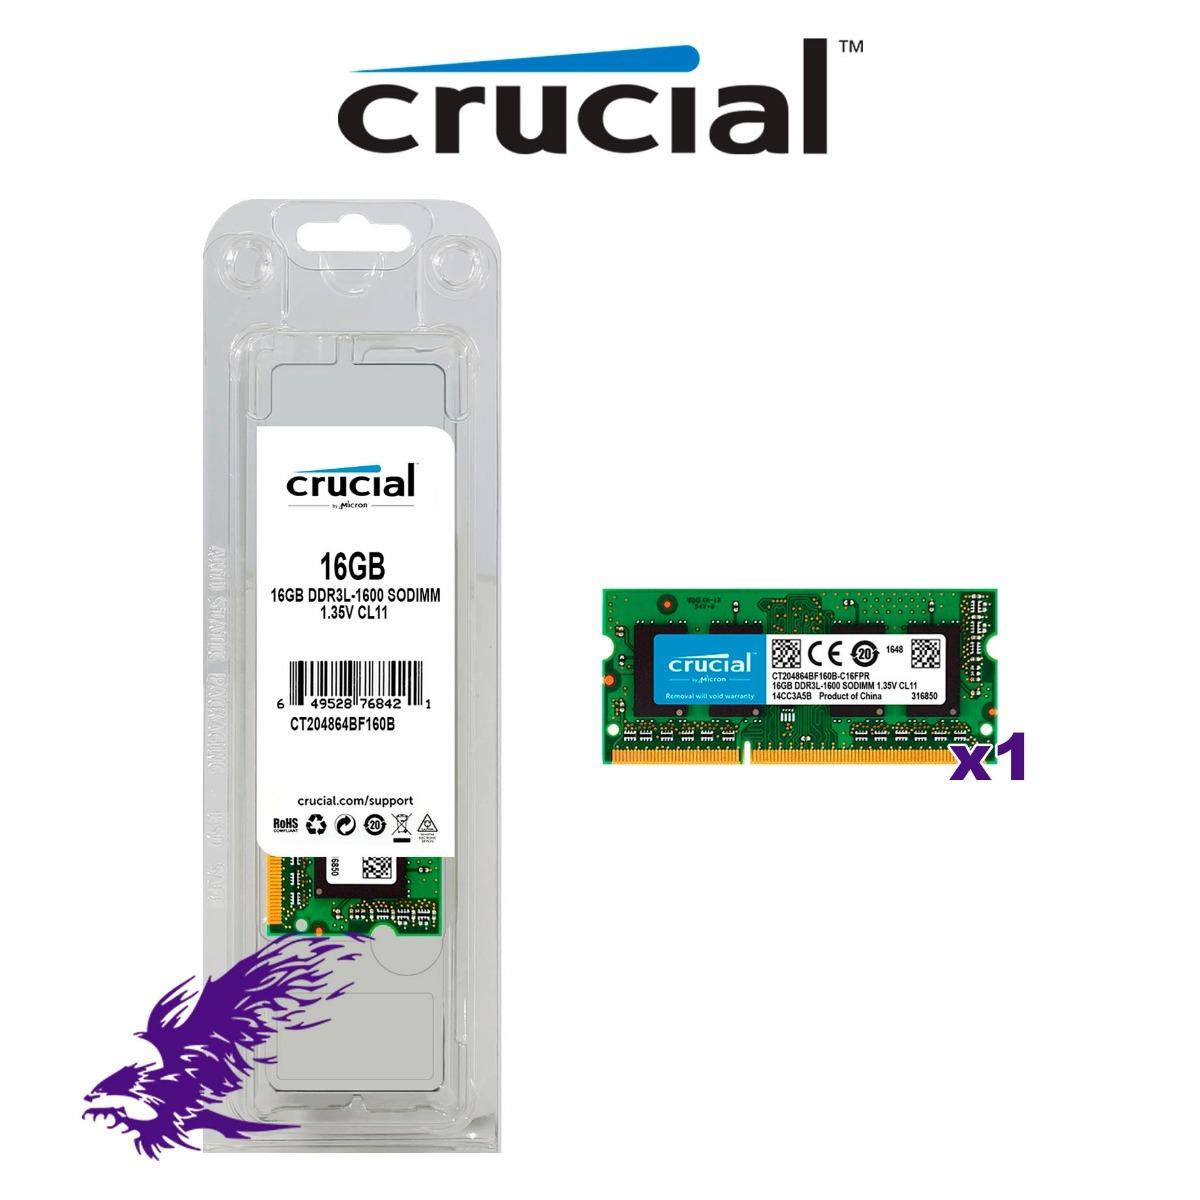 Ram Crucial 16gb Ddr3l 1600 Sodimm S 859 00 En Mercado Libre